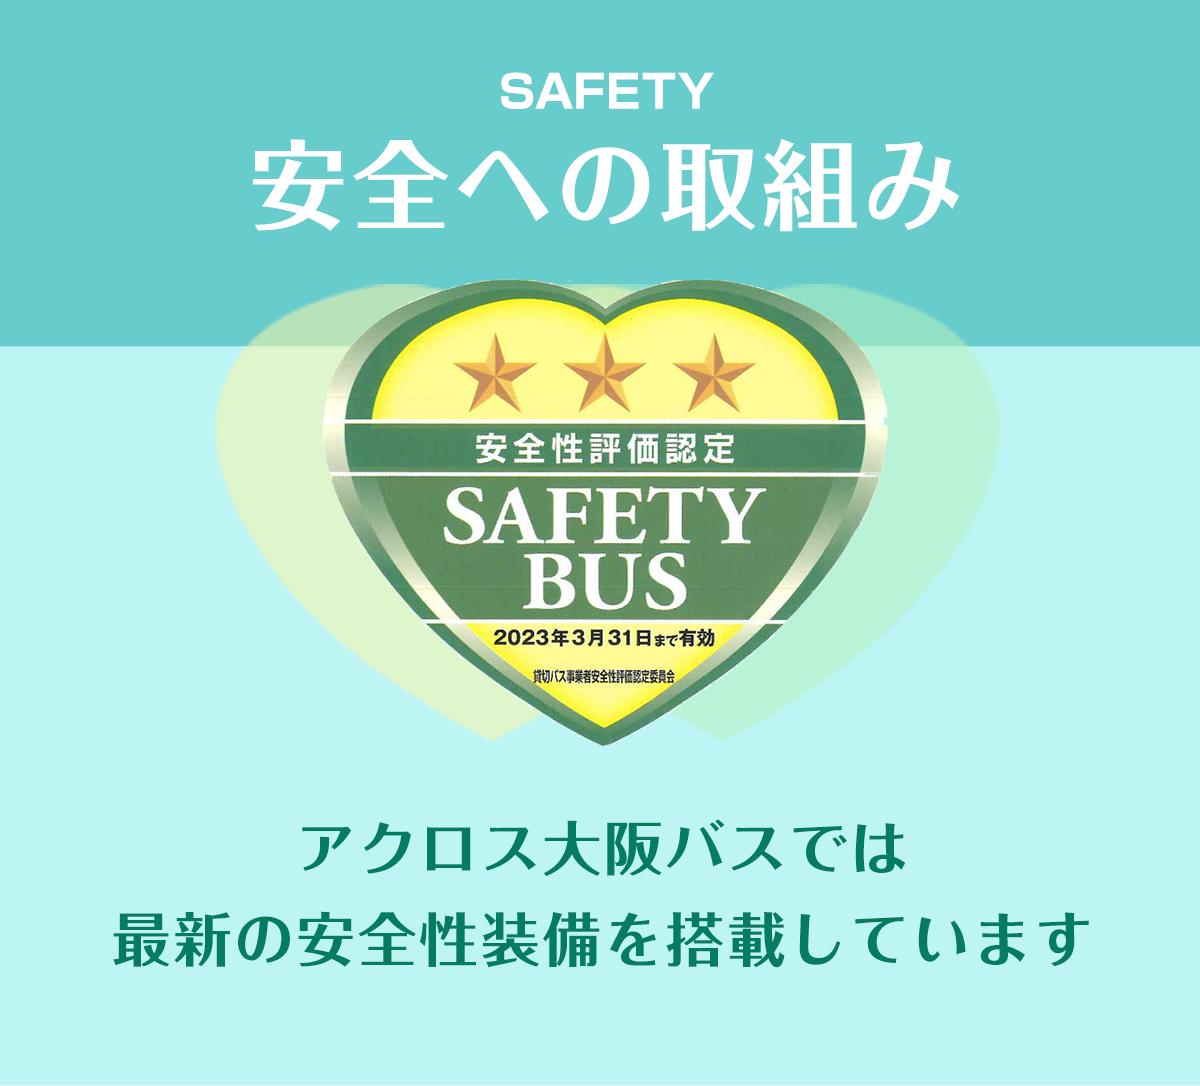 安全への取組み